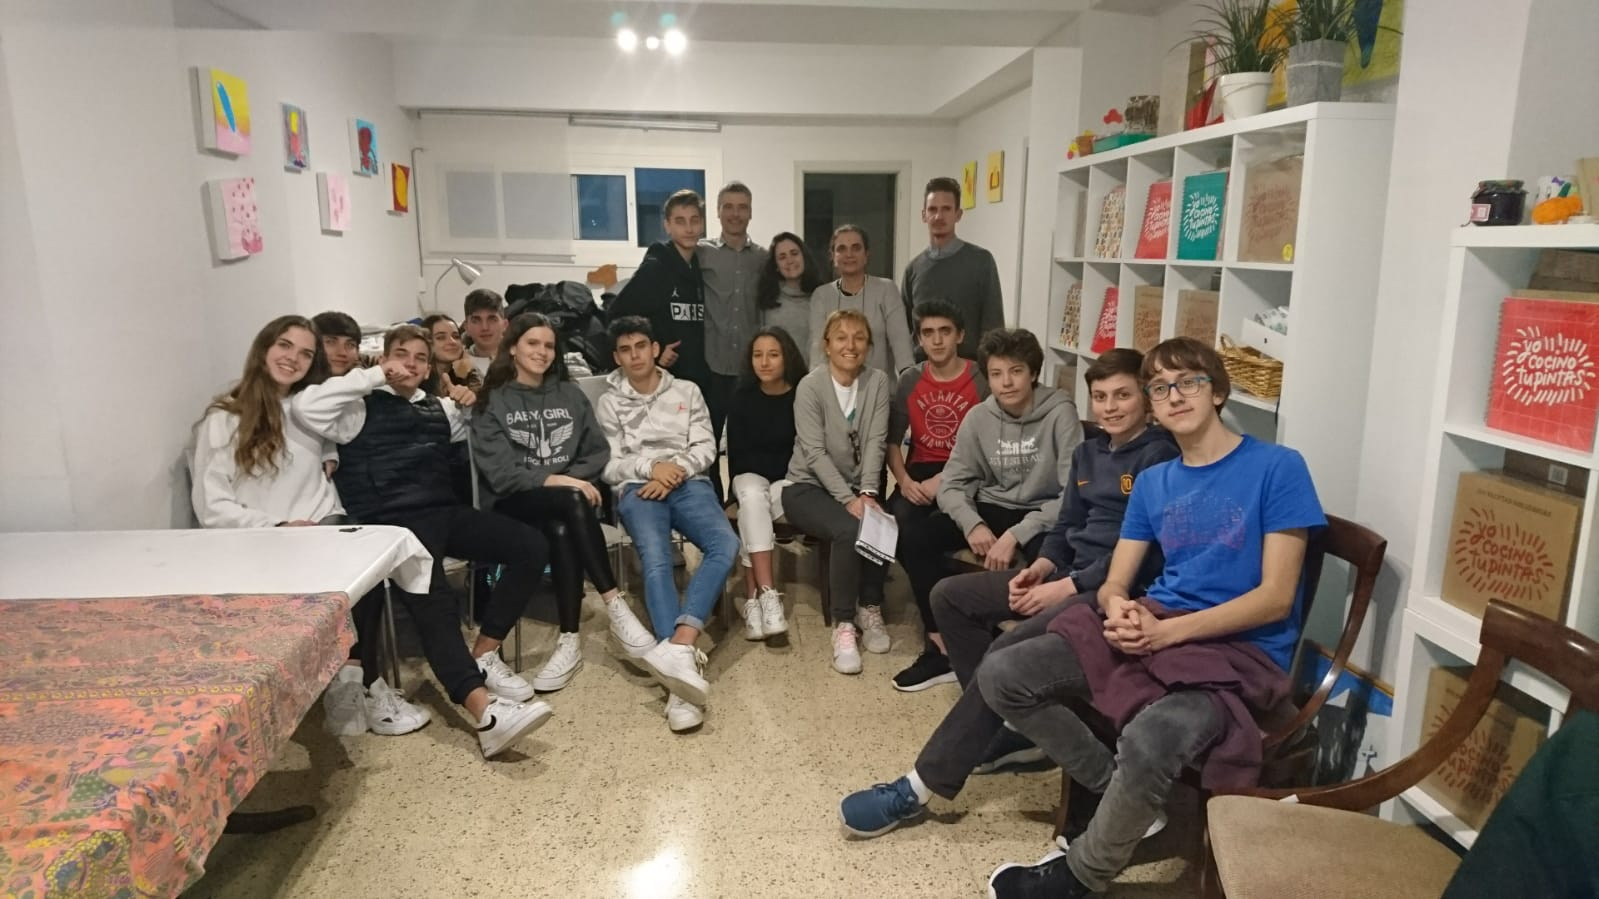 Alumnes de Sant Paul's visiten la seu d'AIS per rebre una xerrada de resiliència de Jordi Diz